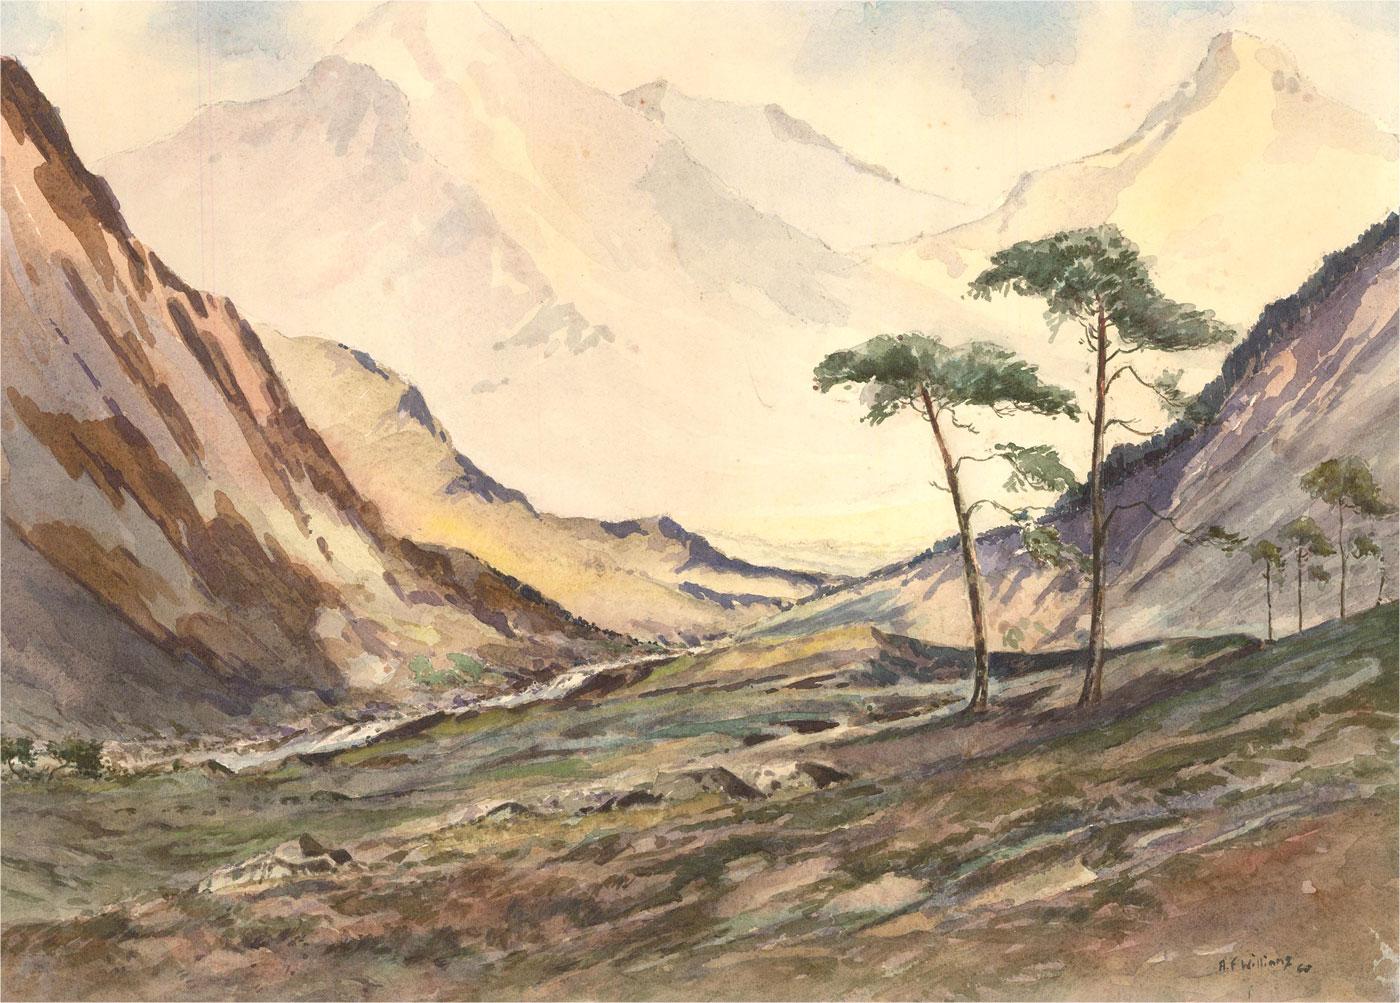 A.F. Williams - 1960 Watercolour, Mountainous Valley